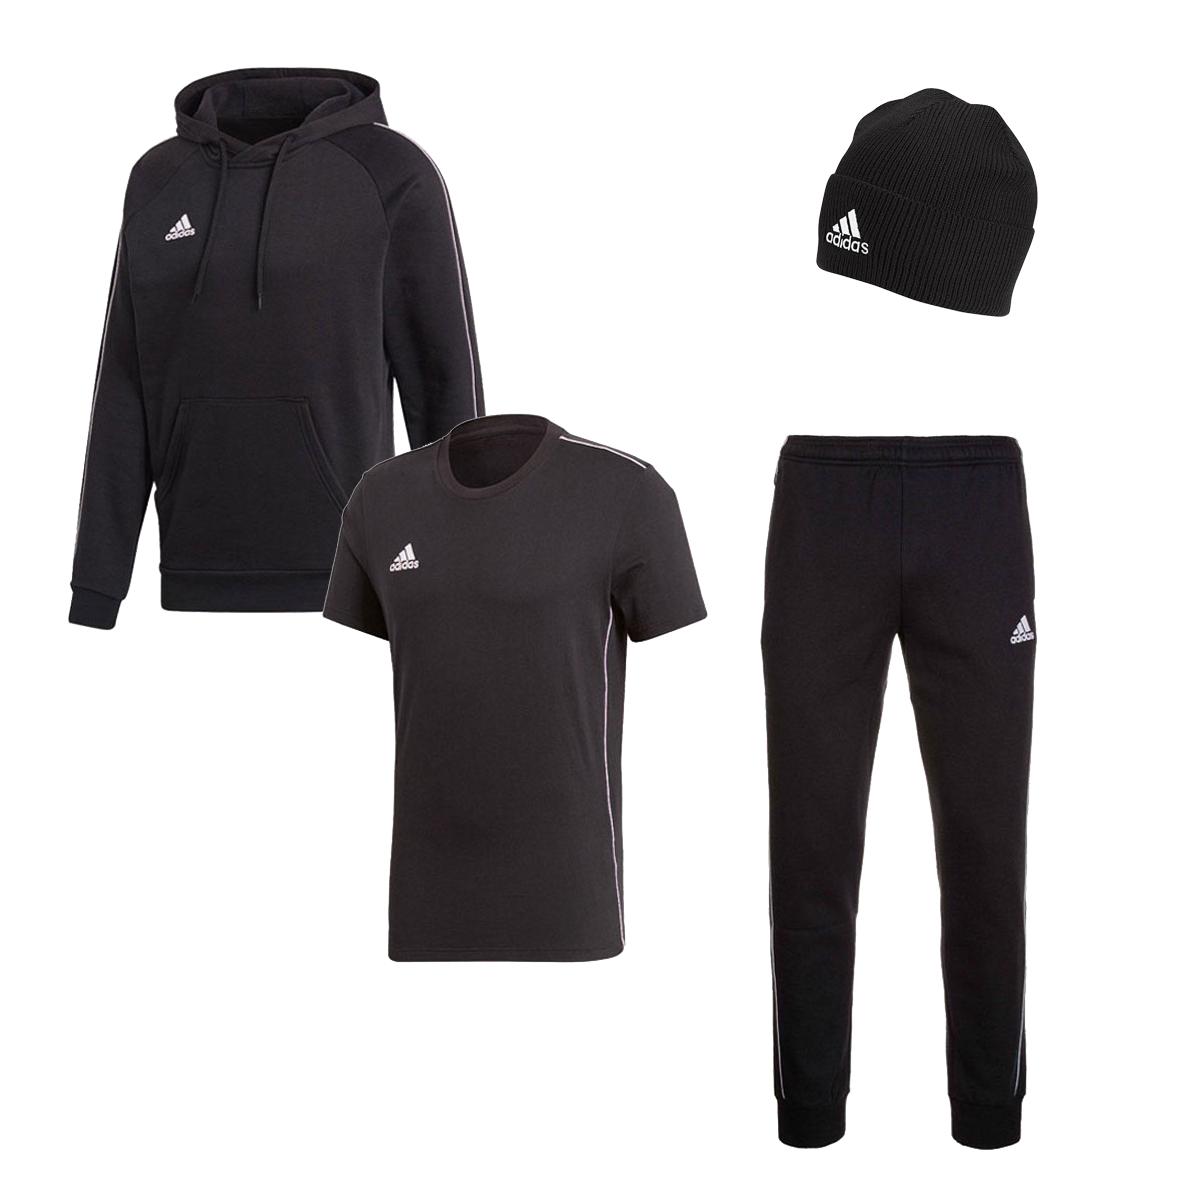 adidas Freizeitset Core (Hoody, Jogginghose, Shirt, Mütze) - verschiedene Farben